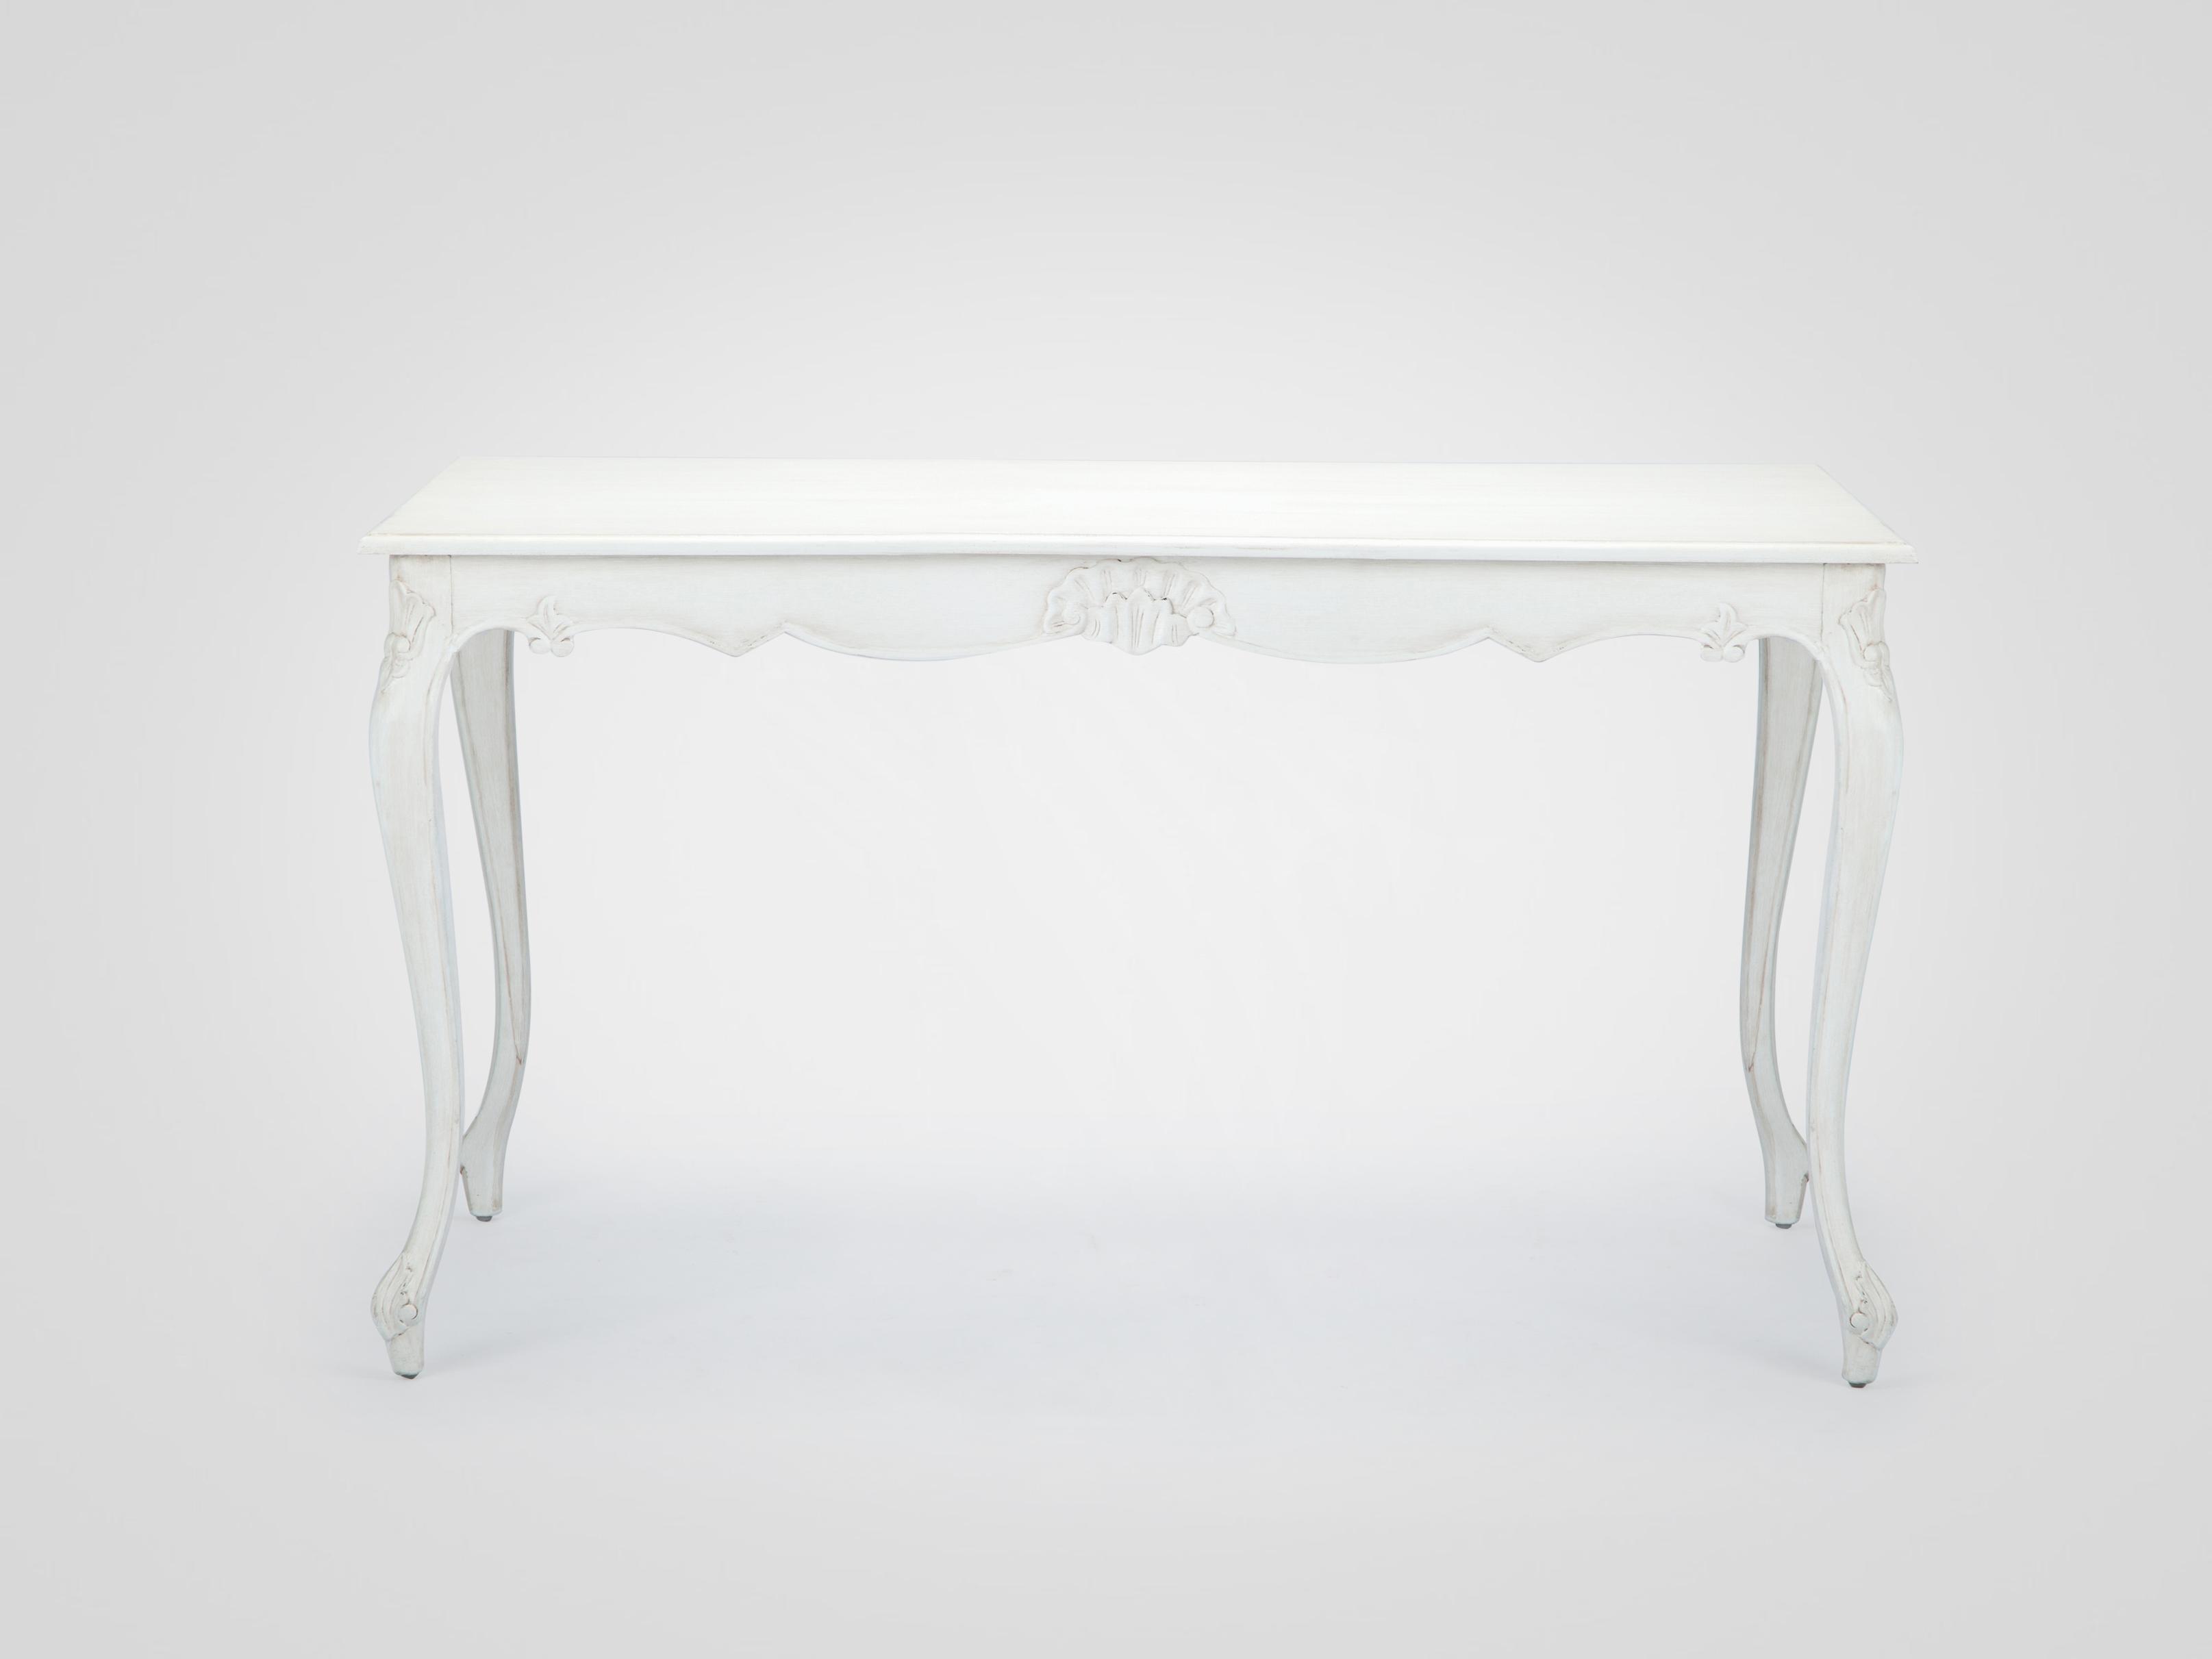 Купить Прямоугольный стол «августин» из натурального дерева с резьбой и патиной, inmyroom, Индонезия